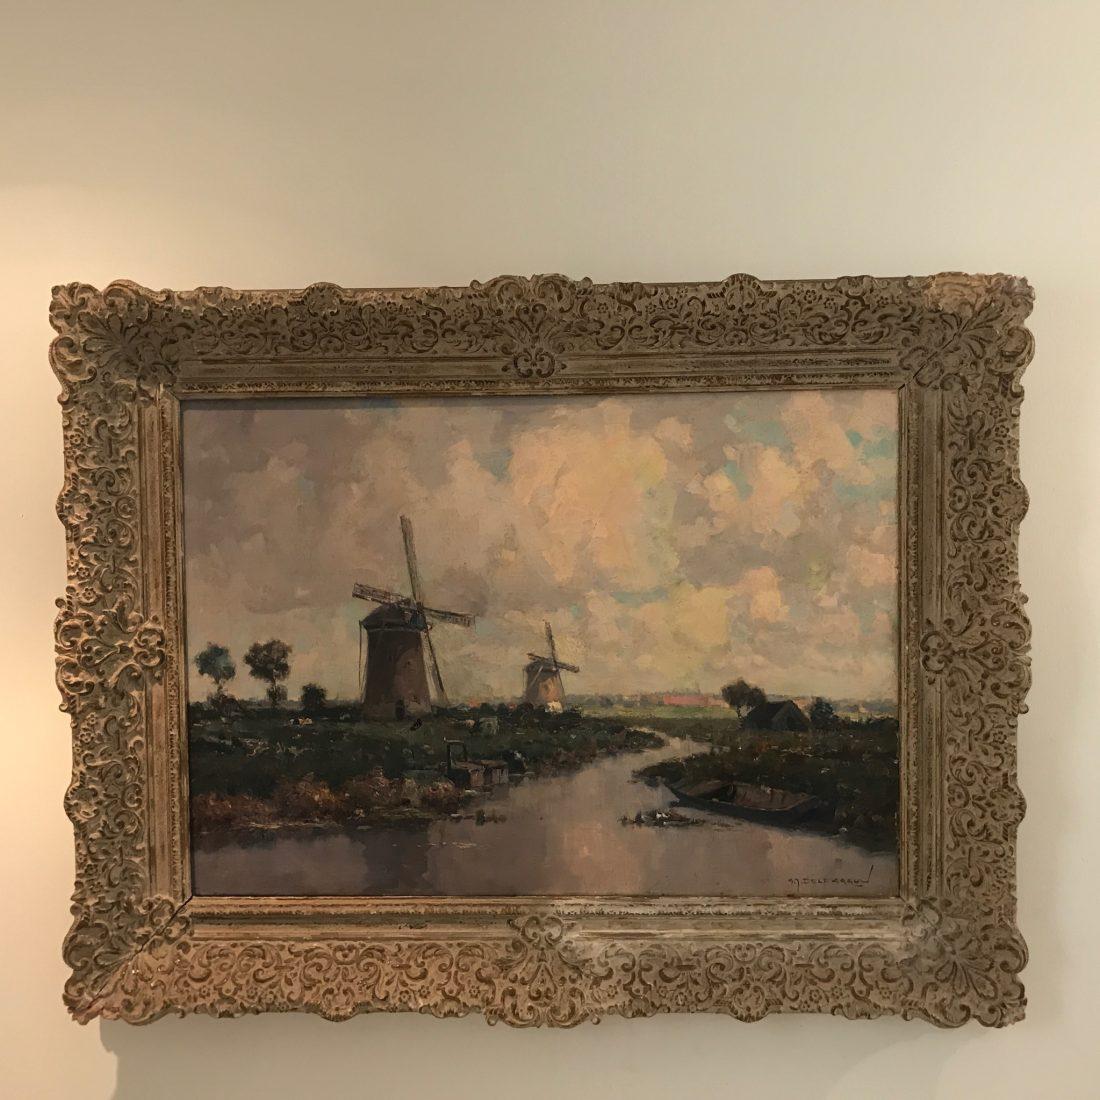 Hollands landschap met twee molens, Gerard Delfgaauw (1882-1947)